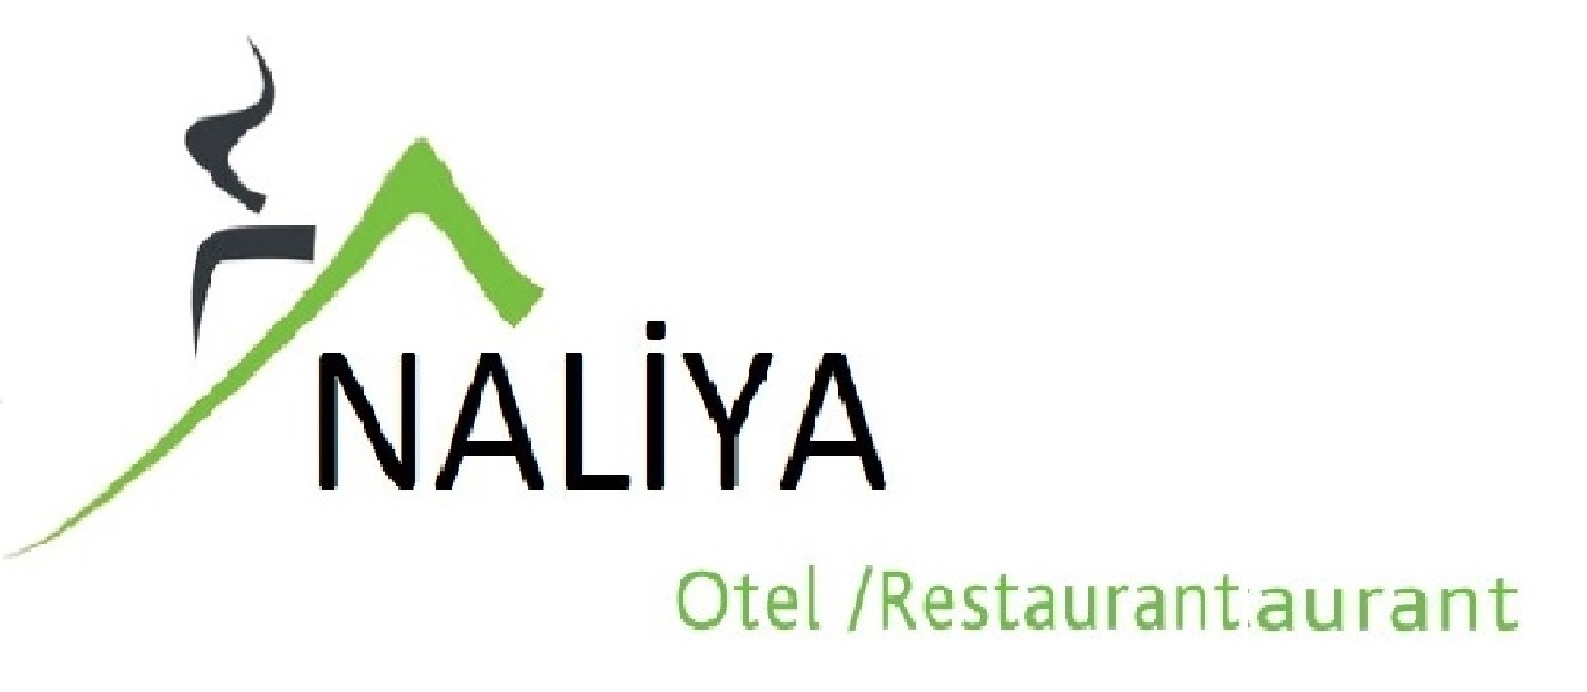 Naliya Otel